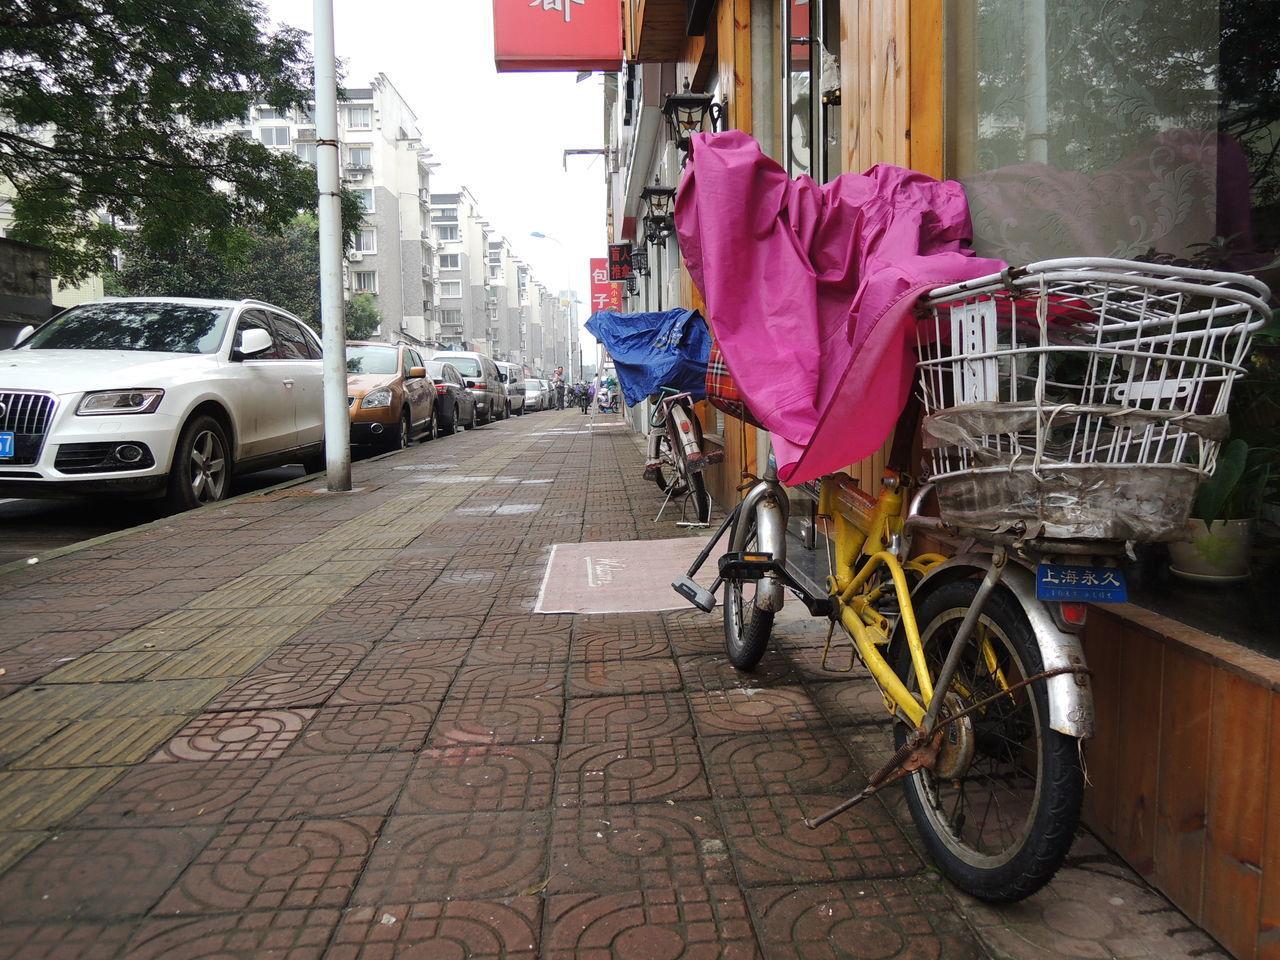 BICYCLE ON SIDEWALK BY ROAD AGAINST BUILDINGS